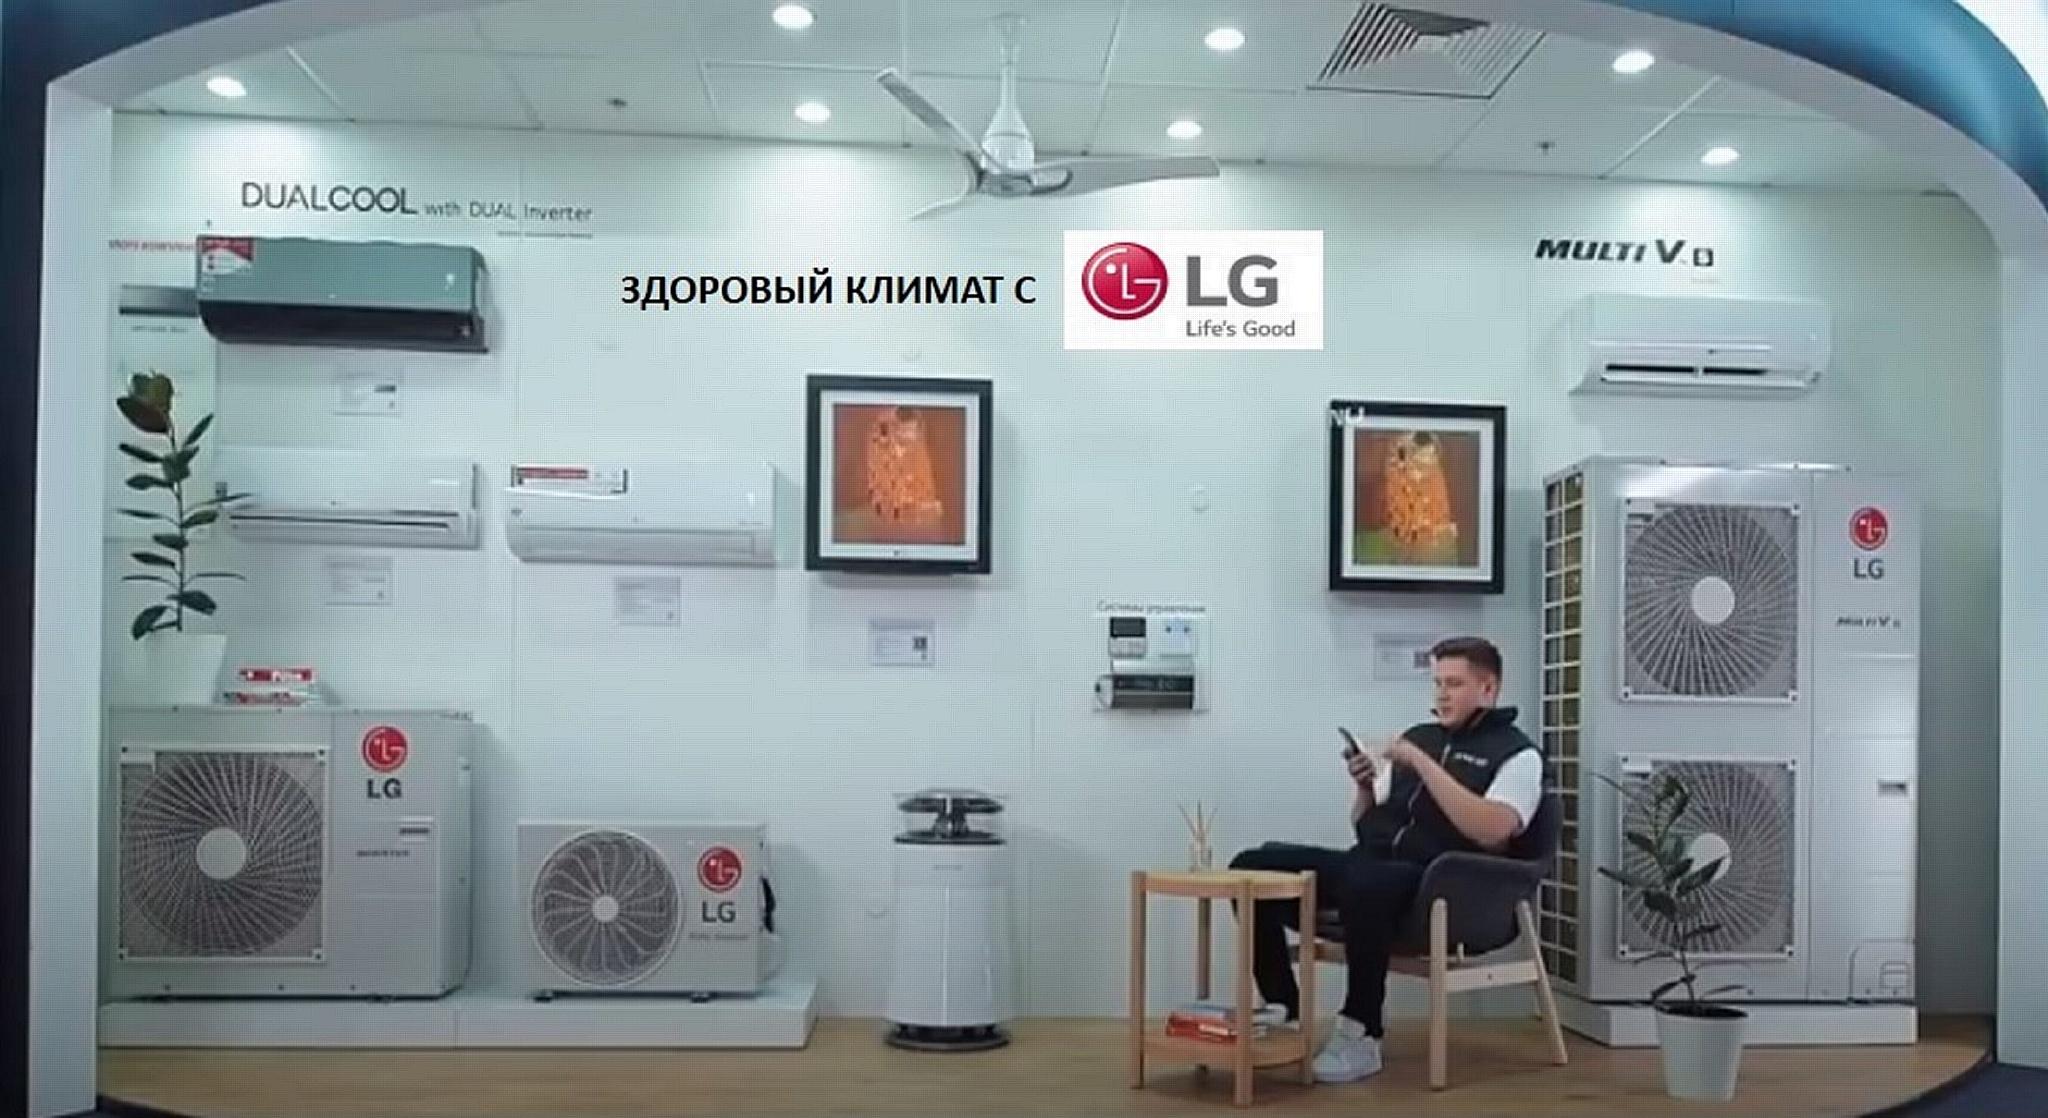 Видео-курс «Здоровый климат с LG»: все о кондиционерах